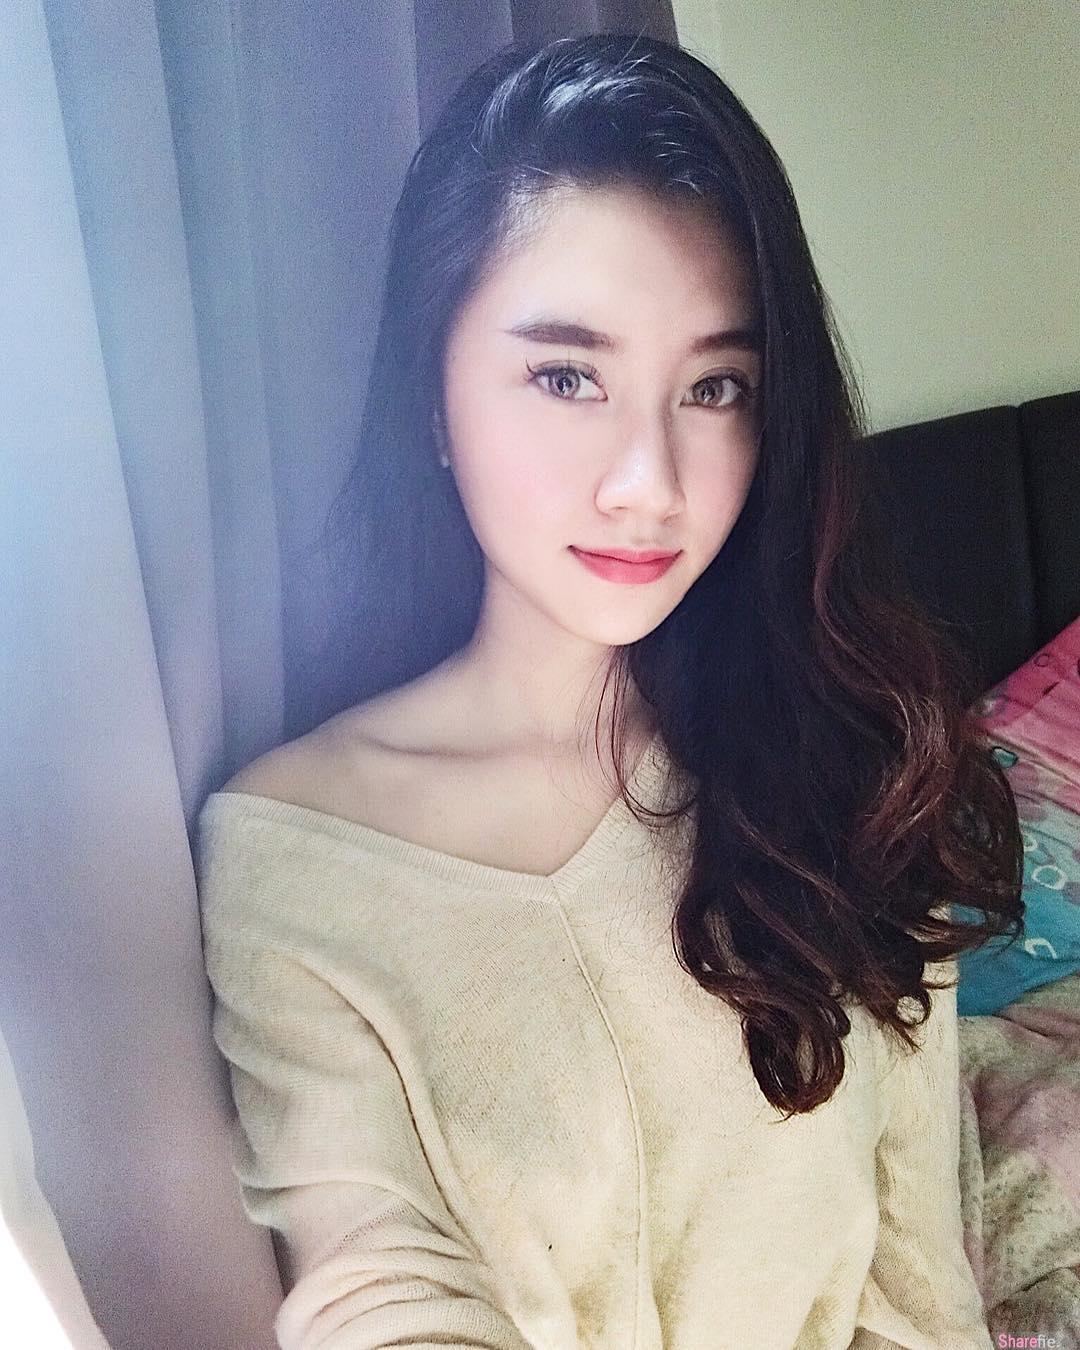 大马槟城正妹Evelyn Lim 白皙肌肤修长美腿